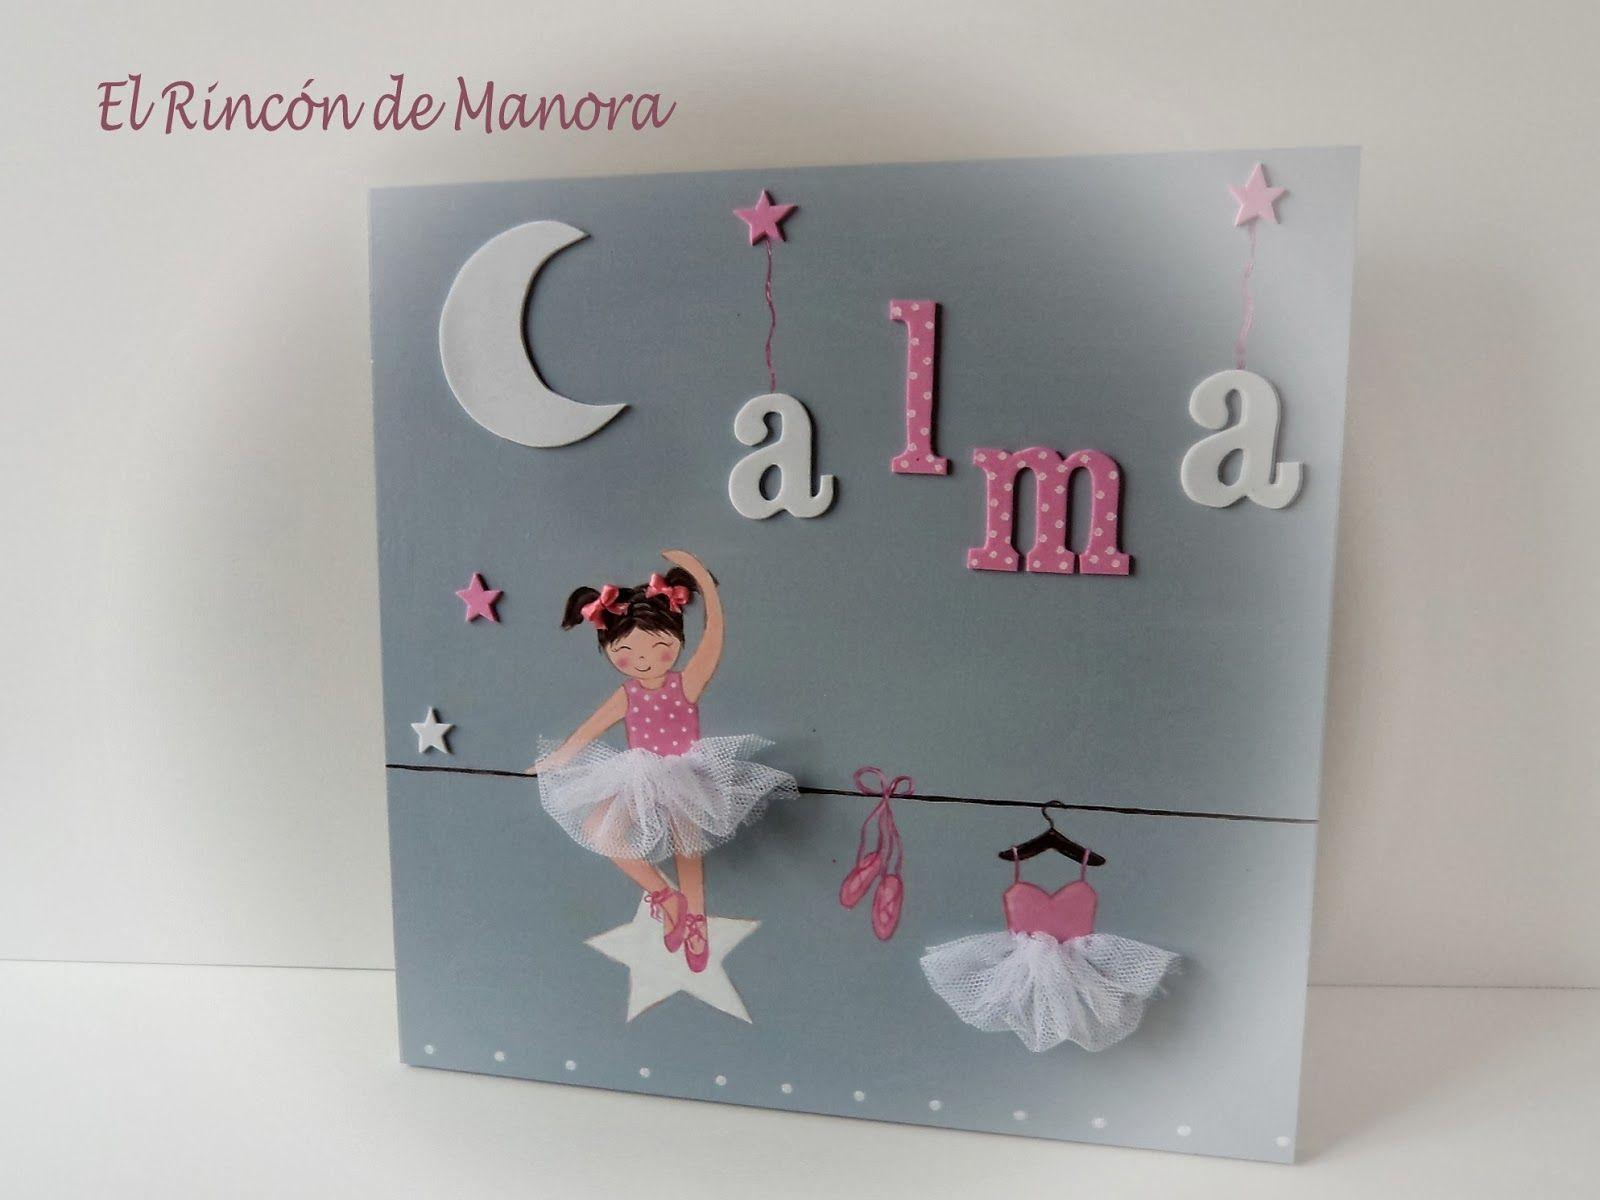 Cuadro bailarina rosa cuadros y espejos infantiles by - Cuadros bailarinas infantiles ...